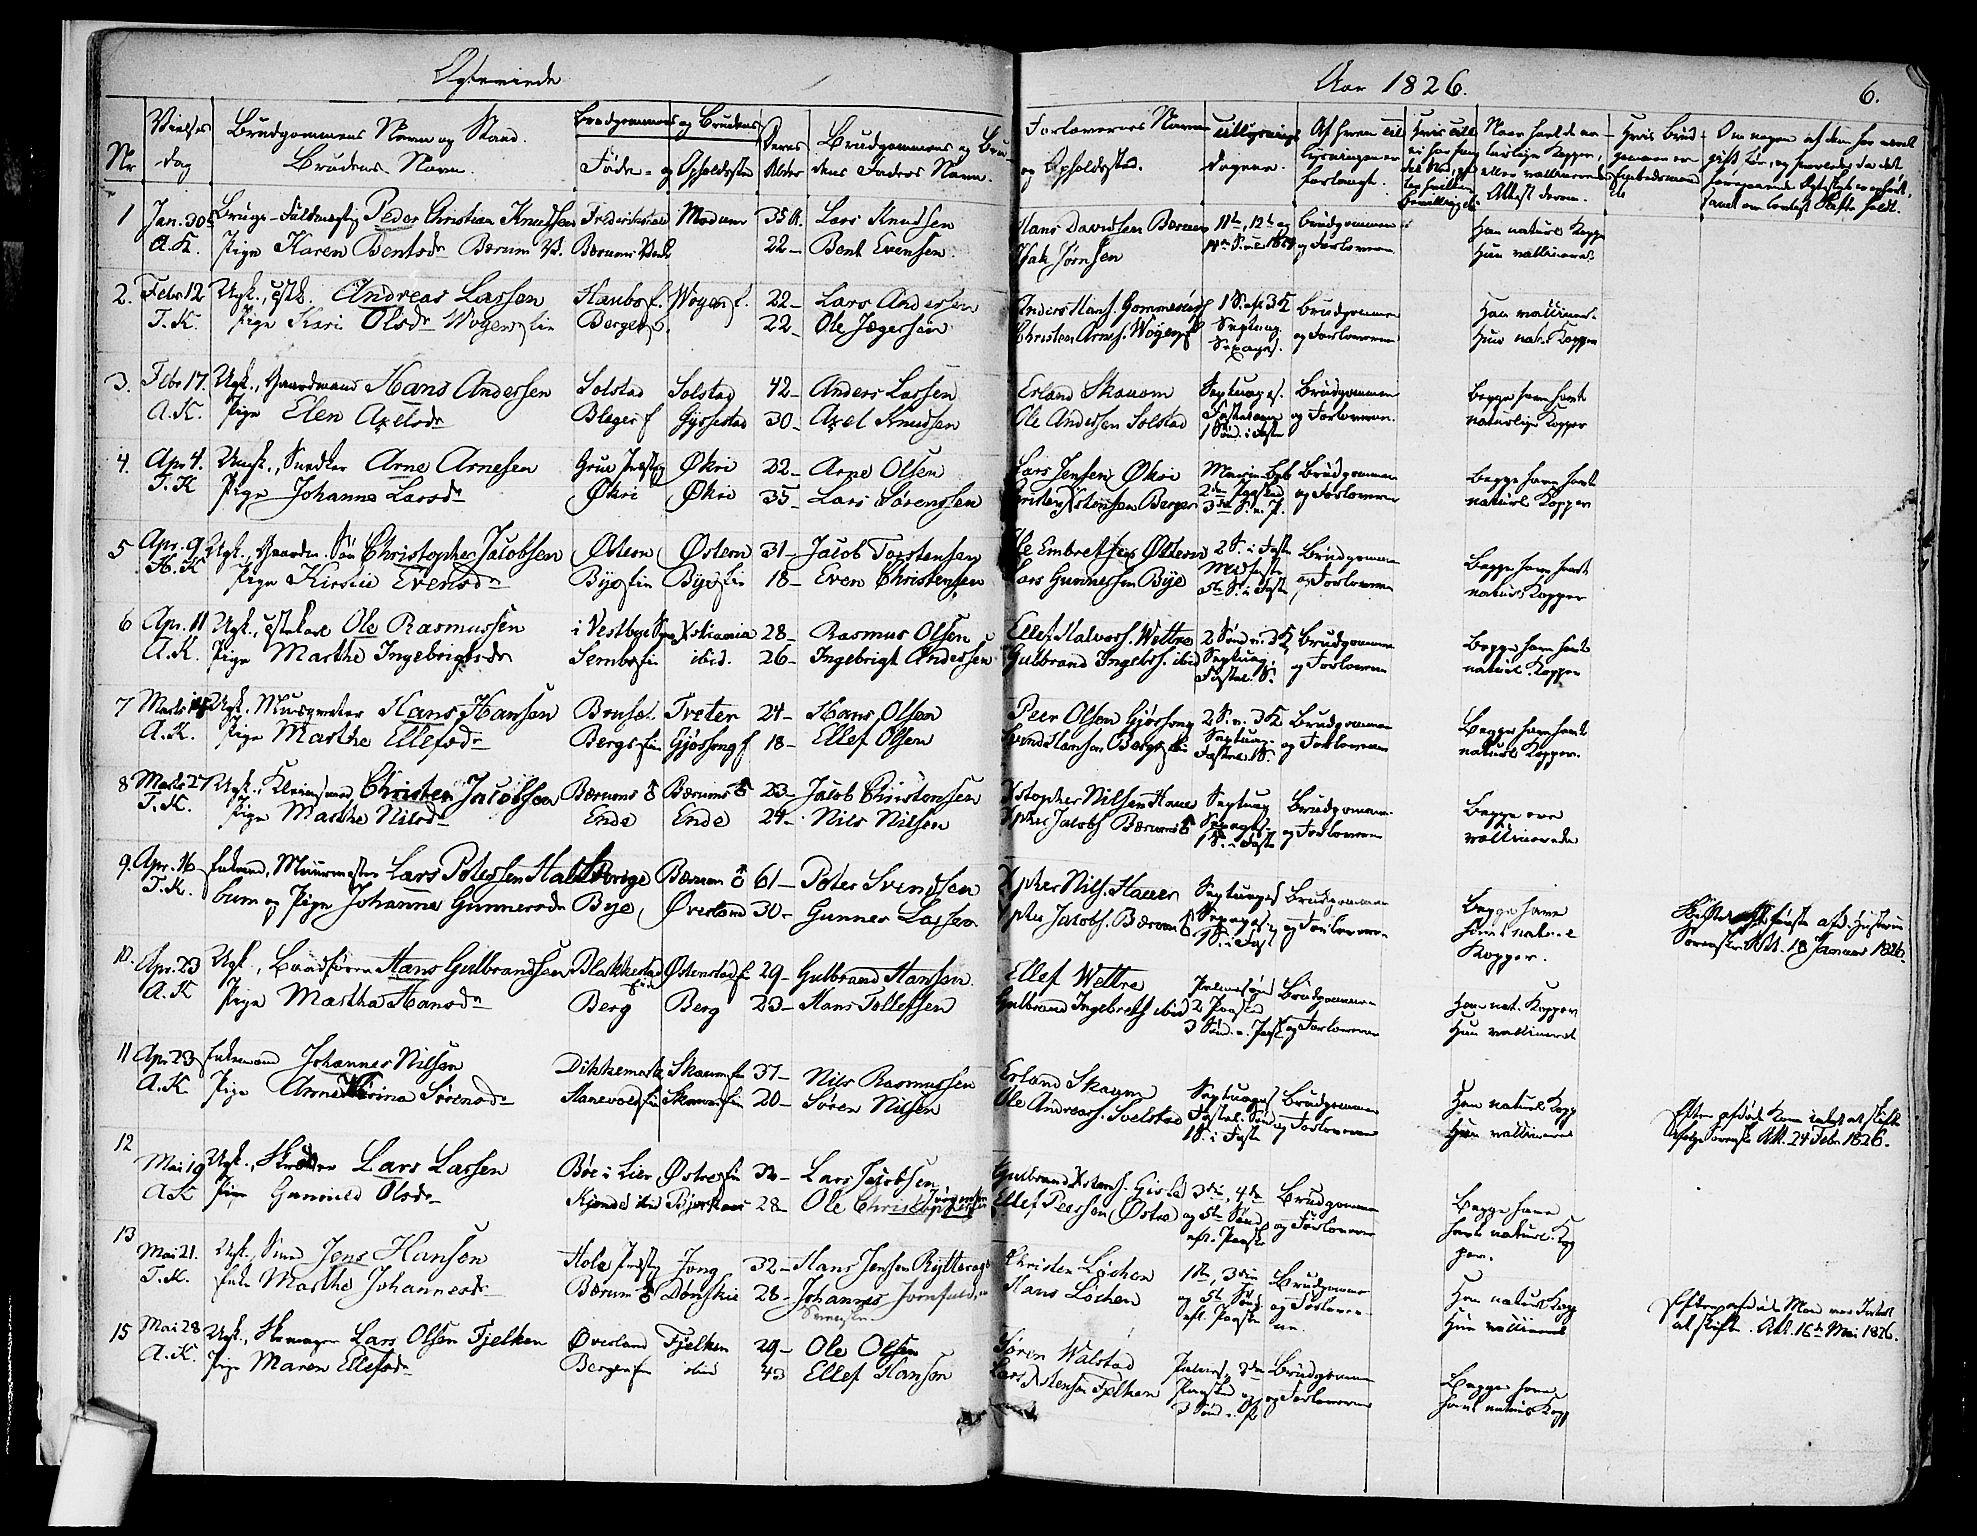 SAO, Asker prestekontor Kirkebøker, F/Fa/L0010: Ministerialbok nr. I 10, 1825-1878, s. 6